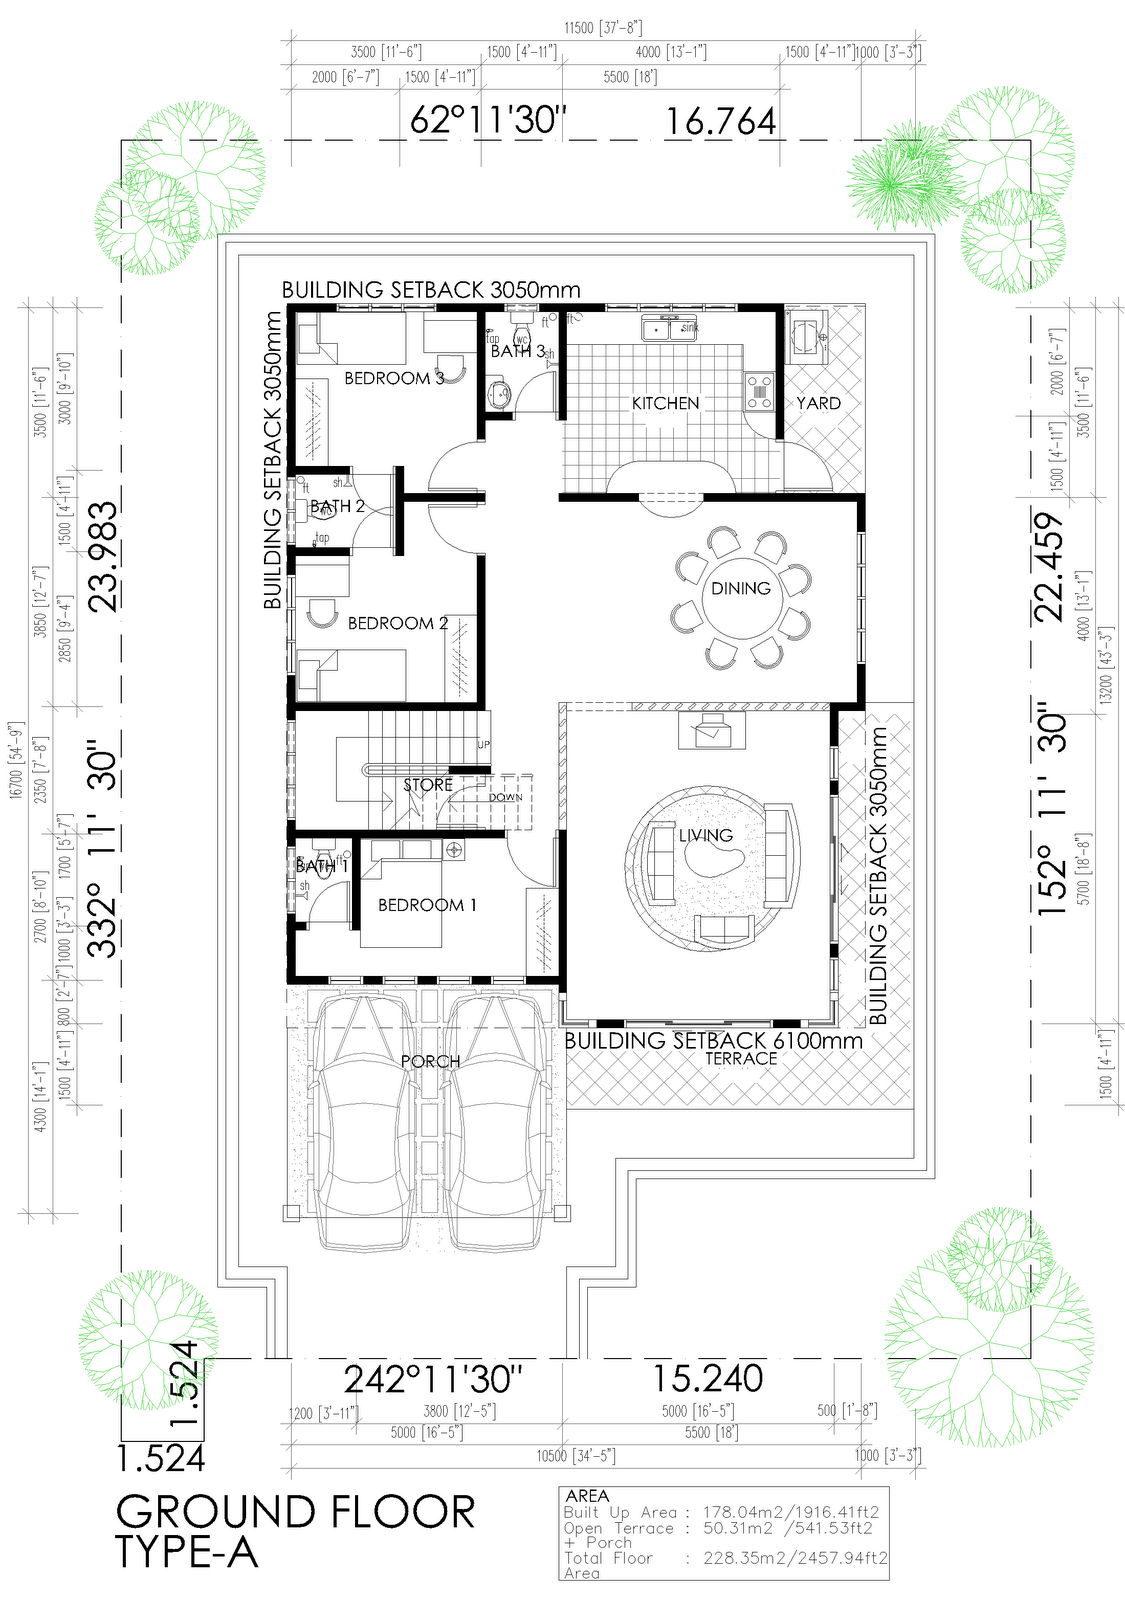 Rumah Banglo Satu Setengah Tingkat - Axis Ki Piye